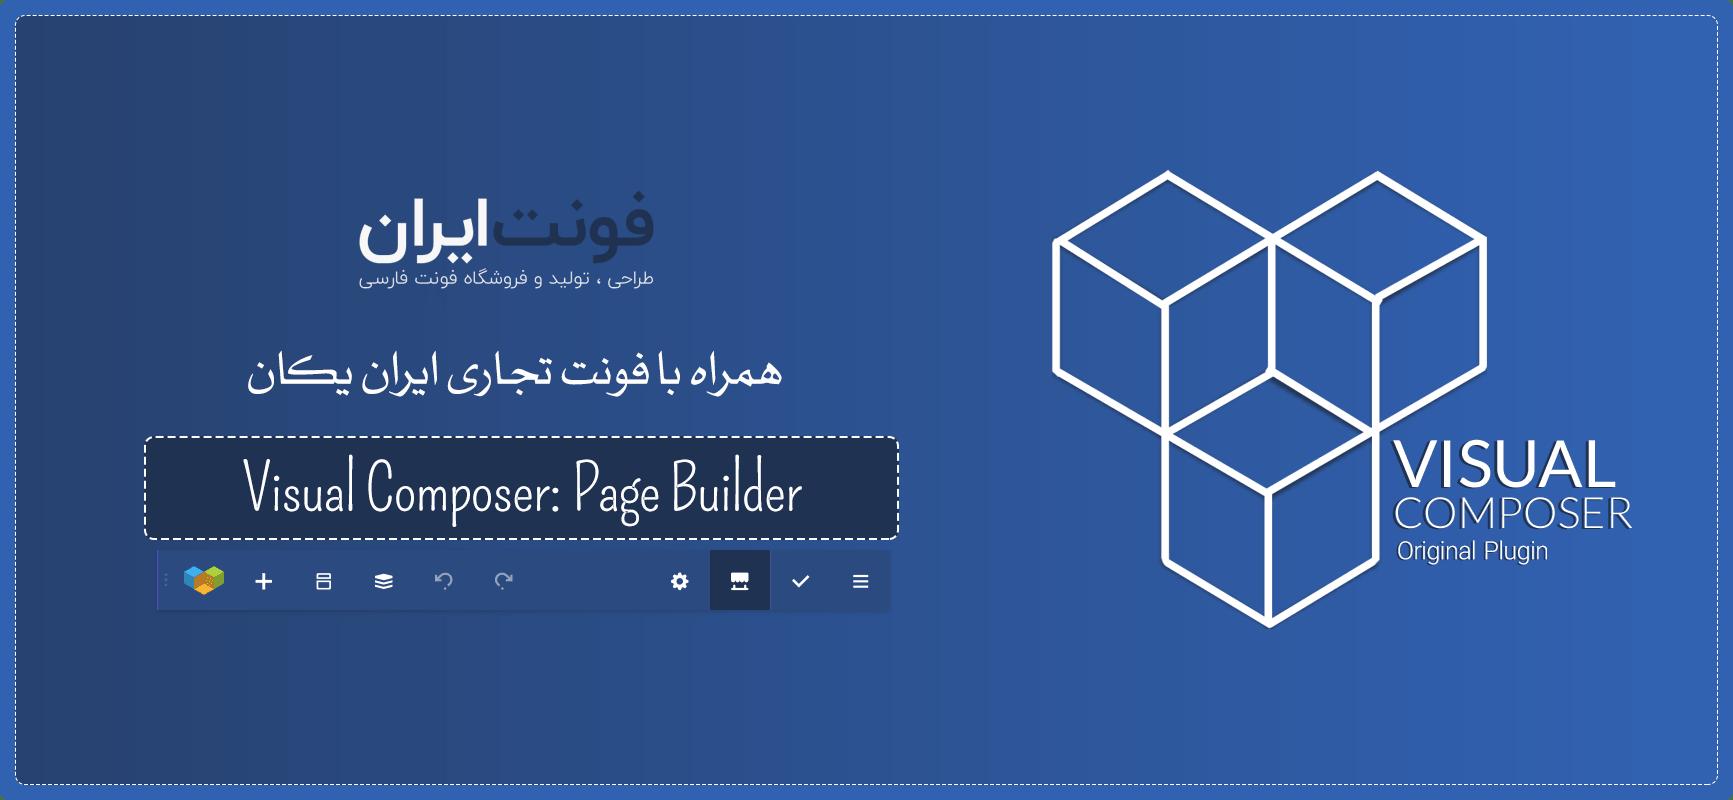 ویژوال کامپوزر پرستاشاپ 1.7